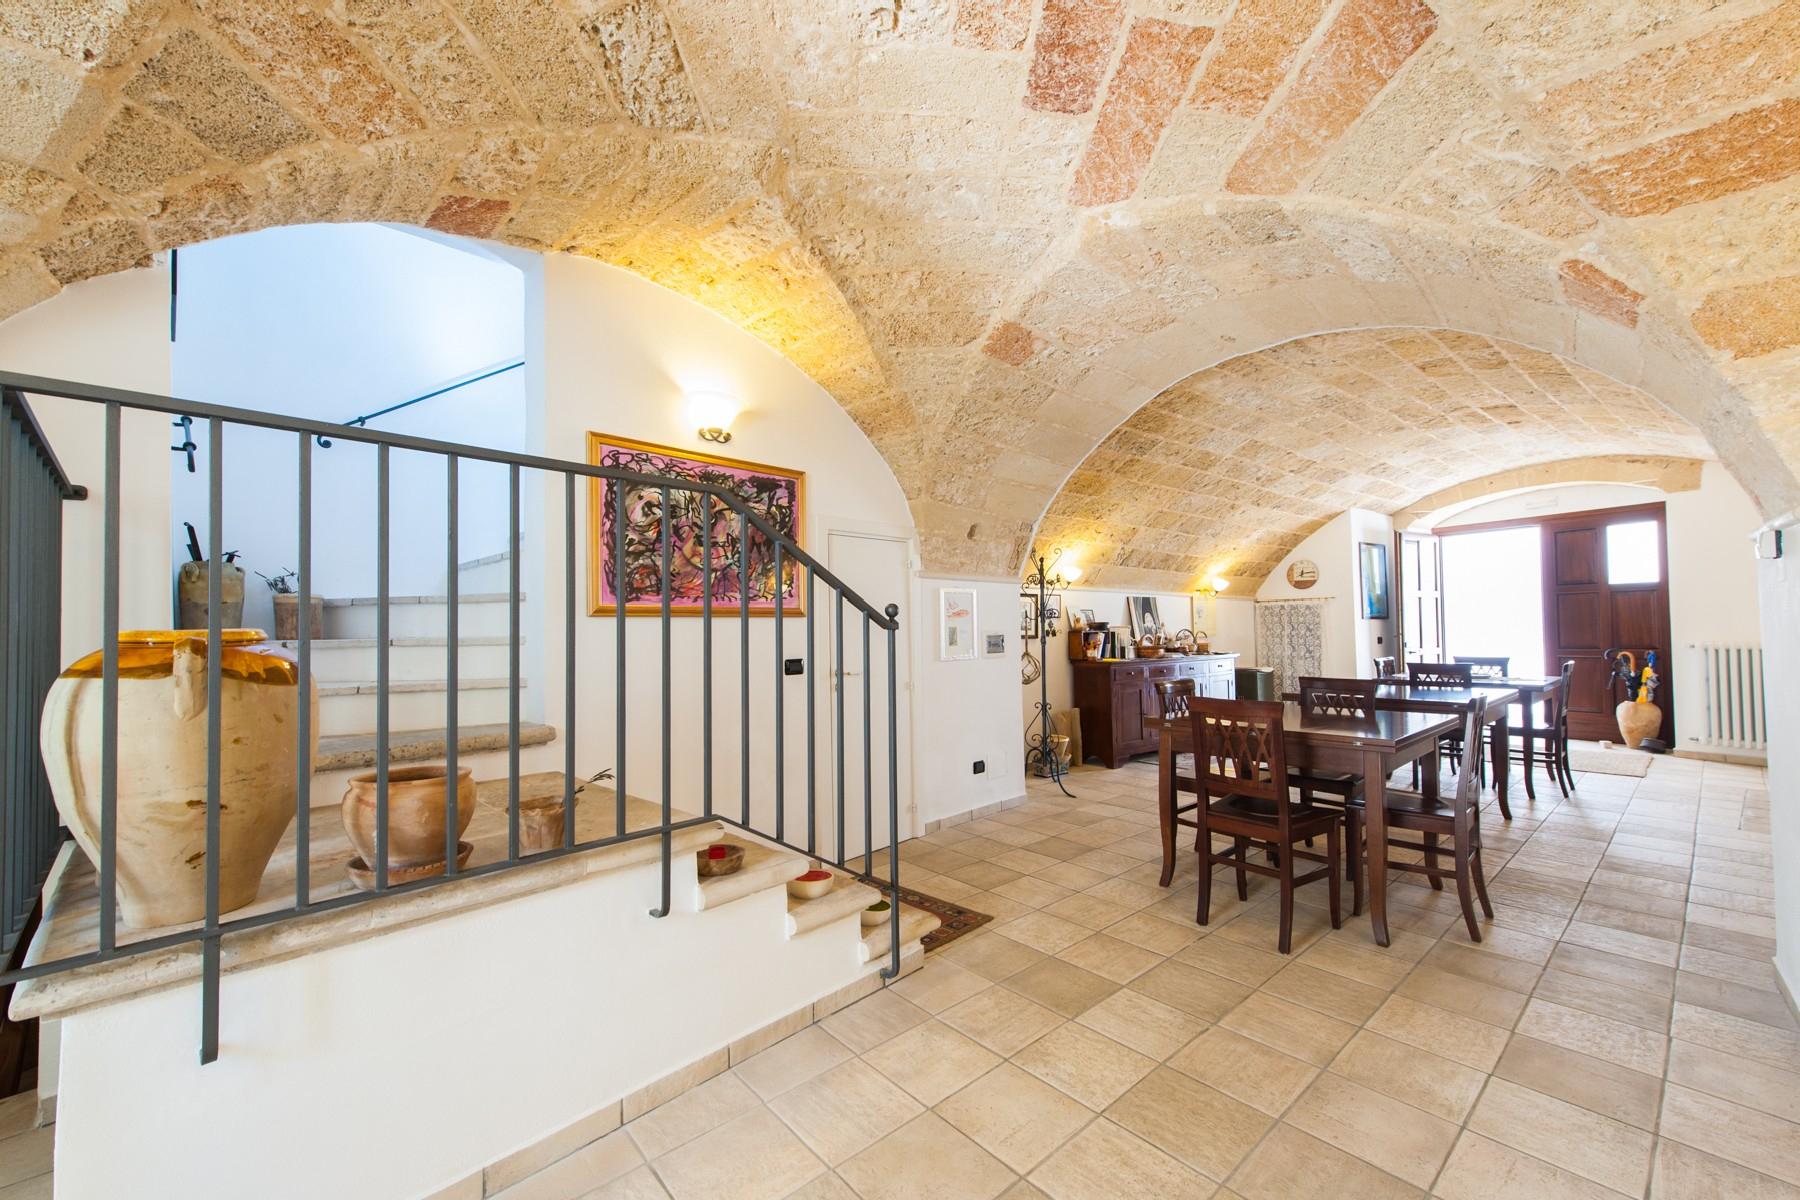 Palazzo in Vendita a Parabita: 5 locali, 450 mq - Foto 23